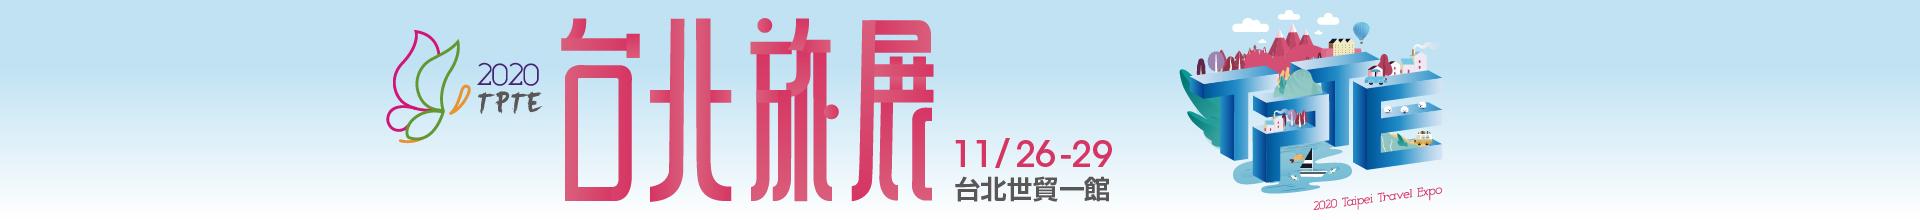 2020台北旅展